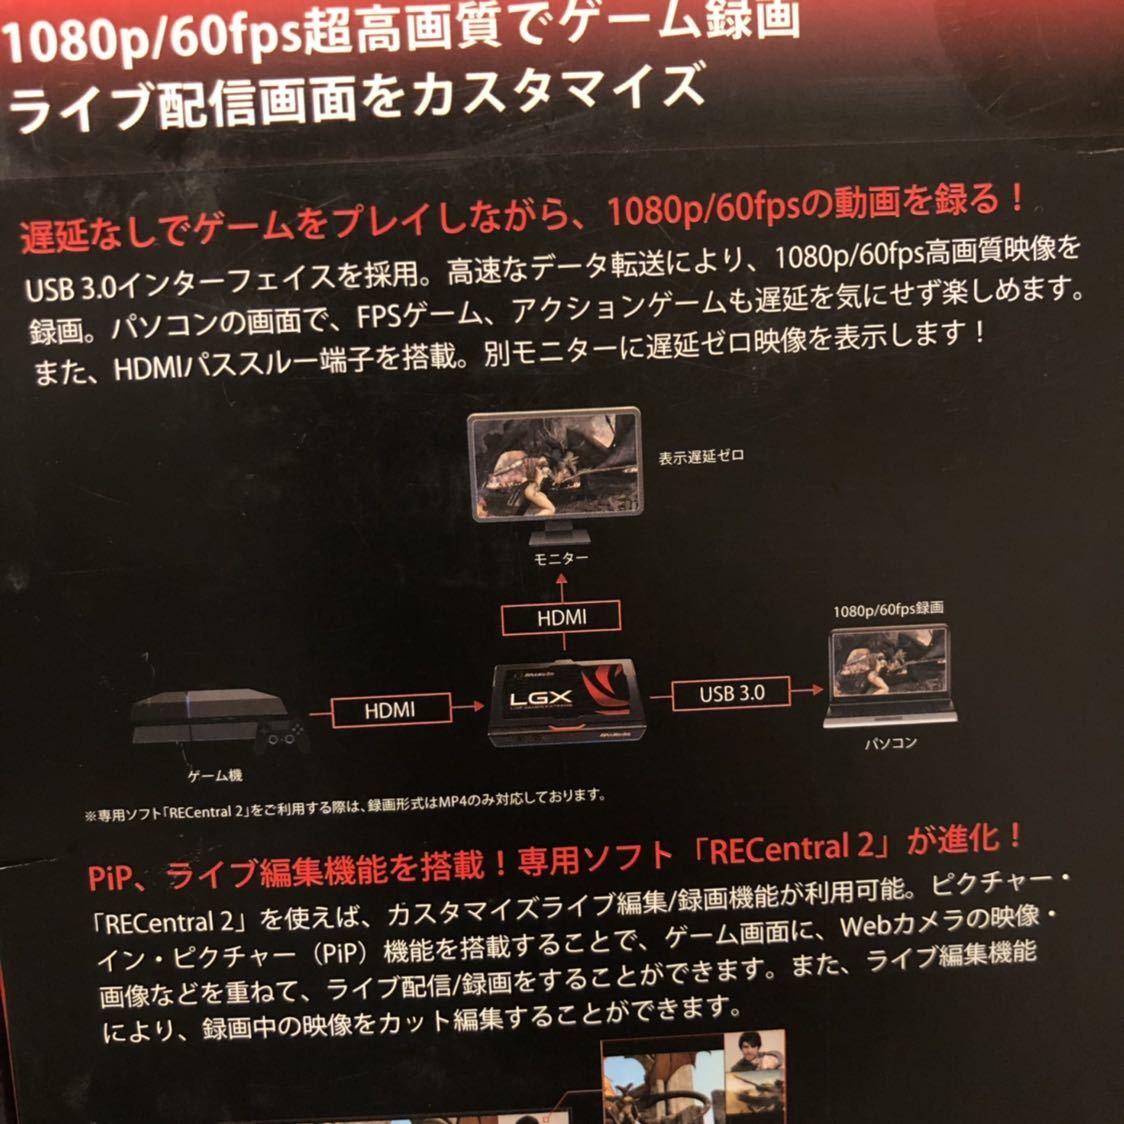 【美品】キャプチャーボード PS4などゲーム録画or実況におススメ gc550 avermedia フルHD 60FPS対応 高速USB3.0_画像9